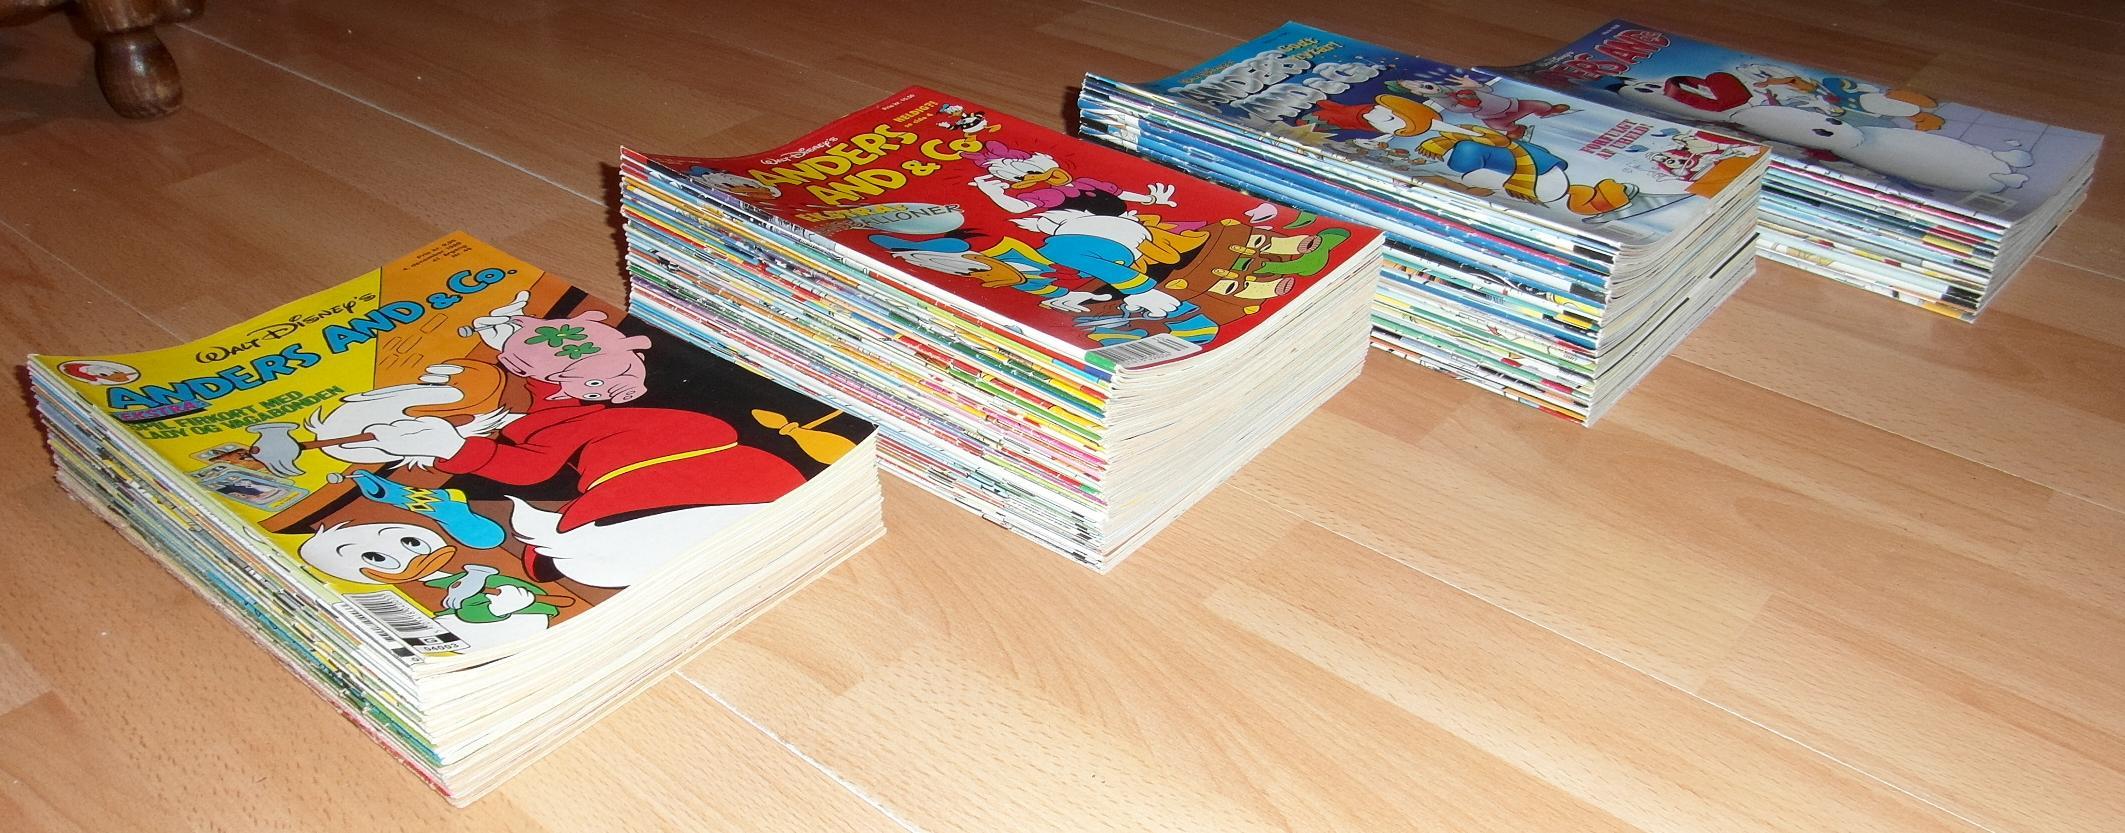 http://www.wenneberg.dk/Comics/AA/grafik/Full/Salg/aender.jpg